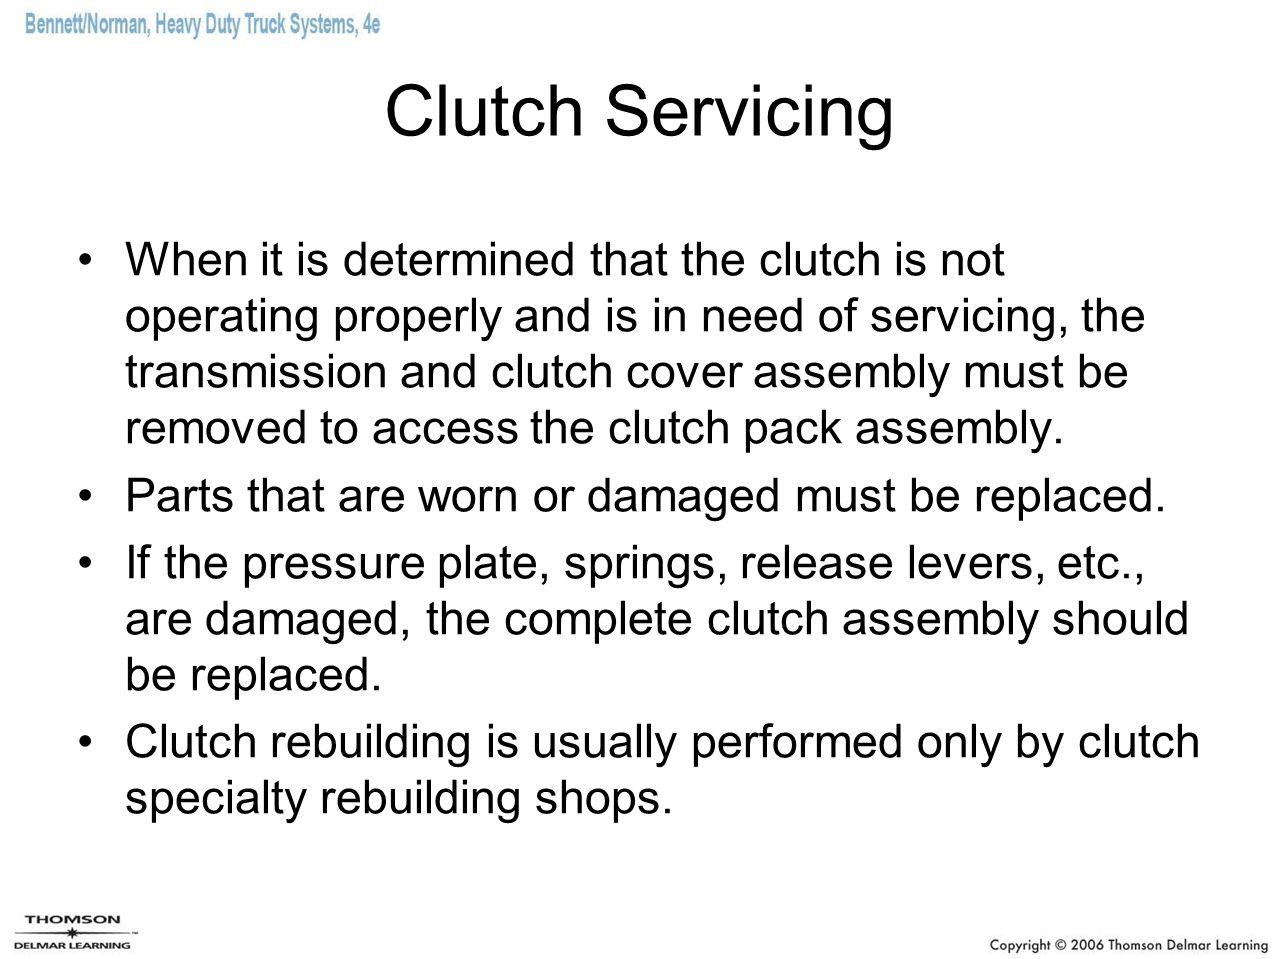 Clutch Servicing